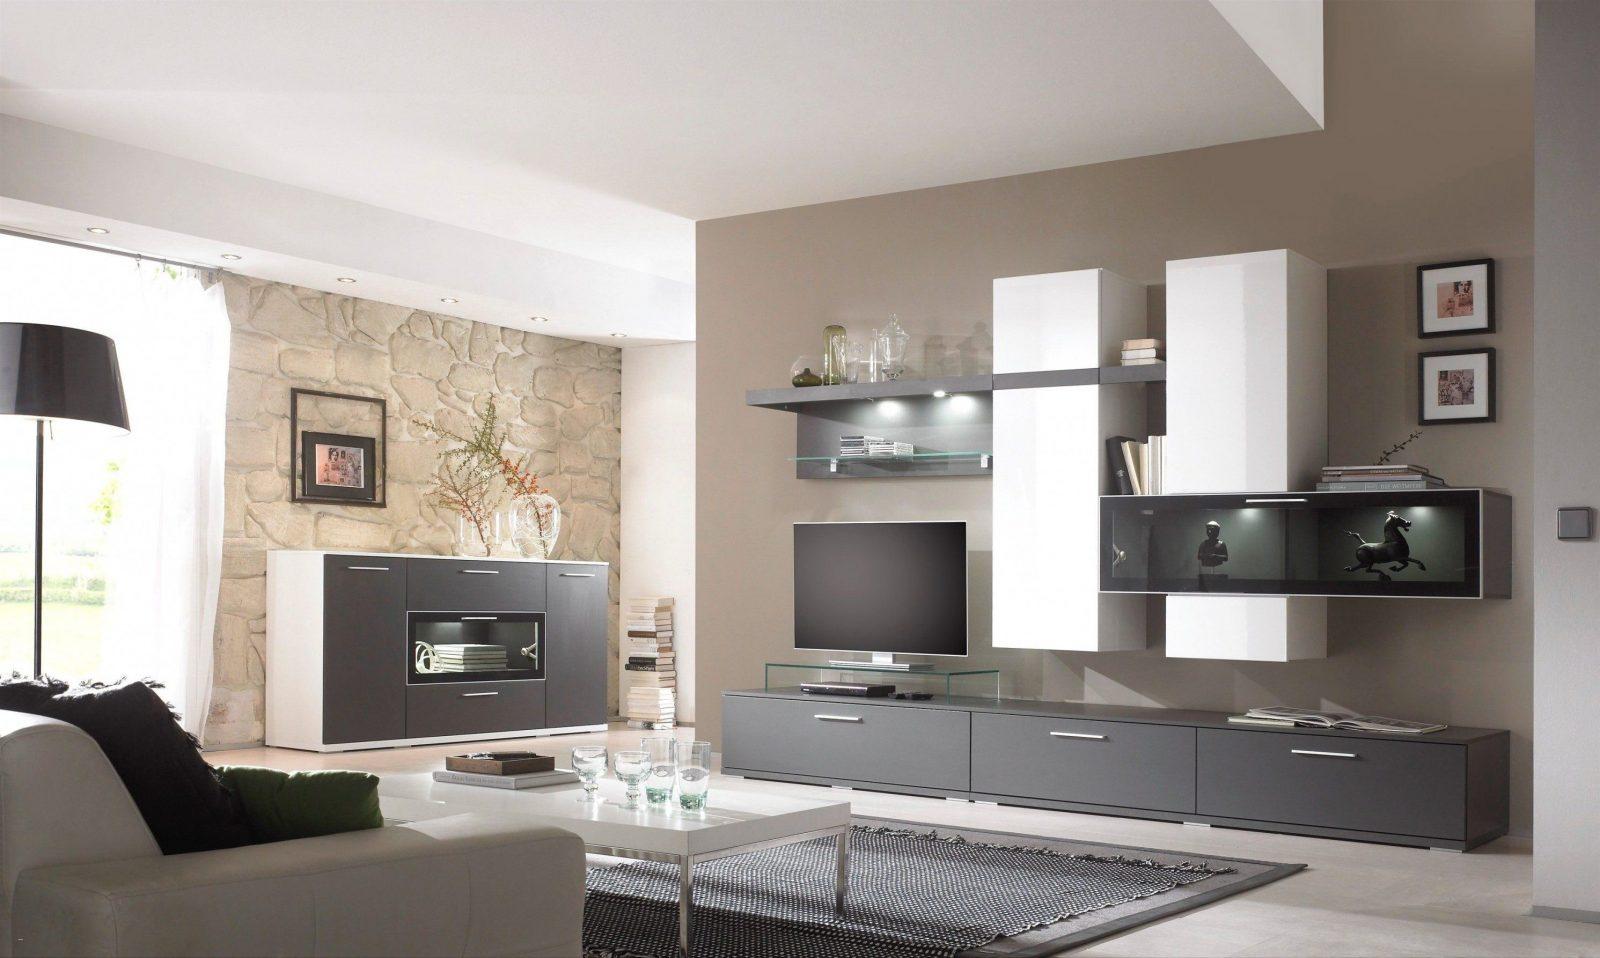 Welche Wandfarbe Passt Zu Braunen Möbeln Frisch Berühmt Wandfarbe von Wandfarbe Zu Braunen Möbeln Photo